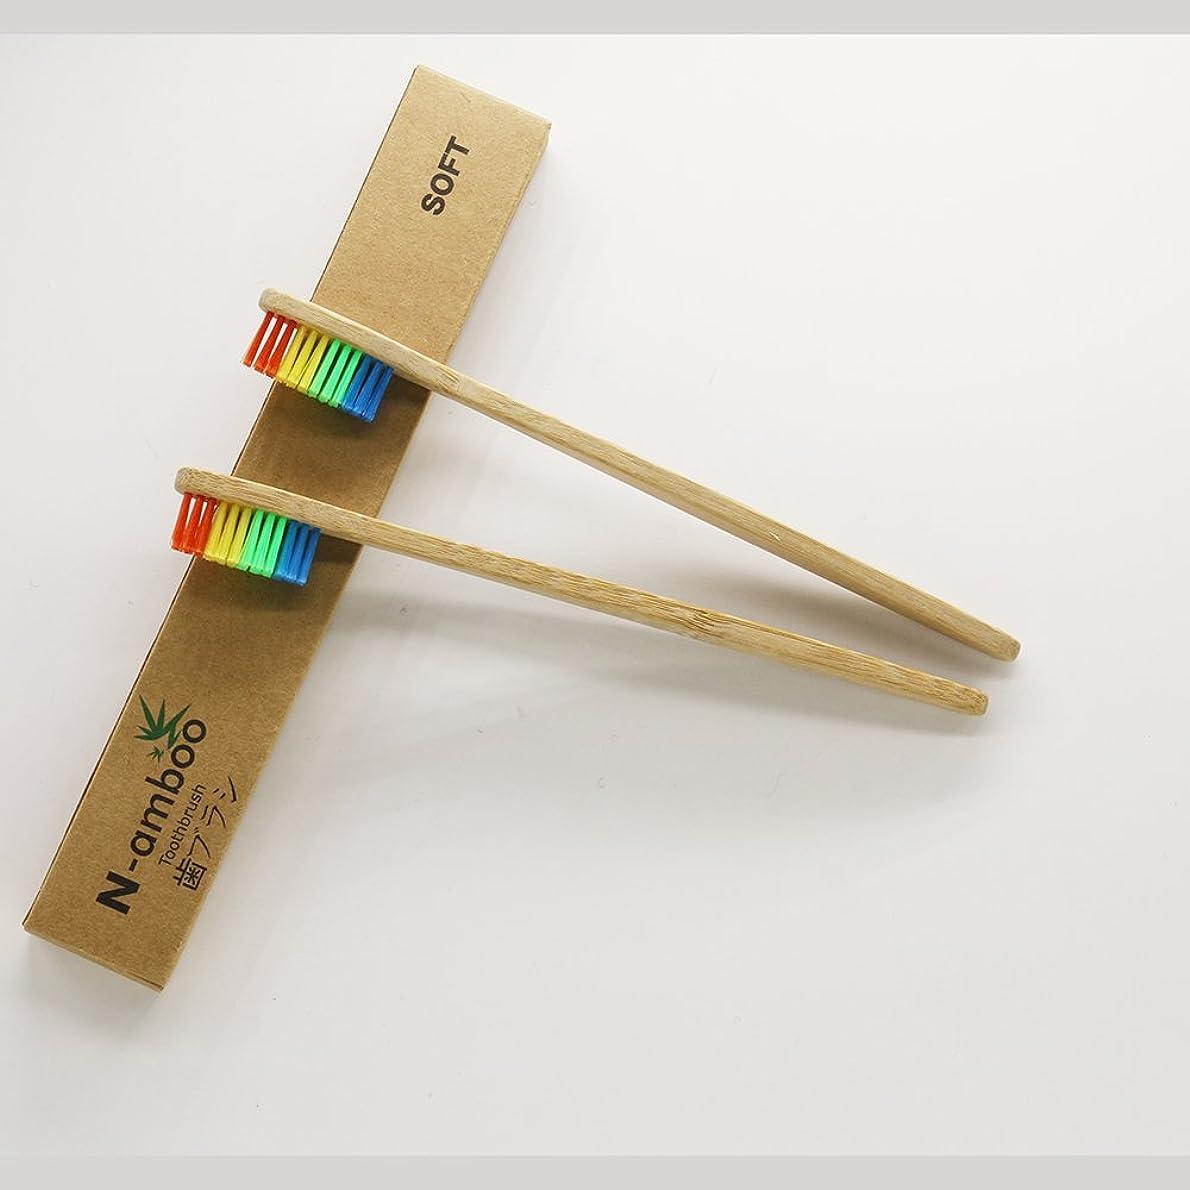 大通りフォームモネN-amboo 竹製 耐久度高い 歯ブラシ 四色 虹(にじ) 2本入り セット